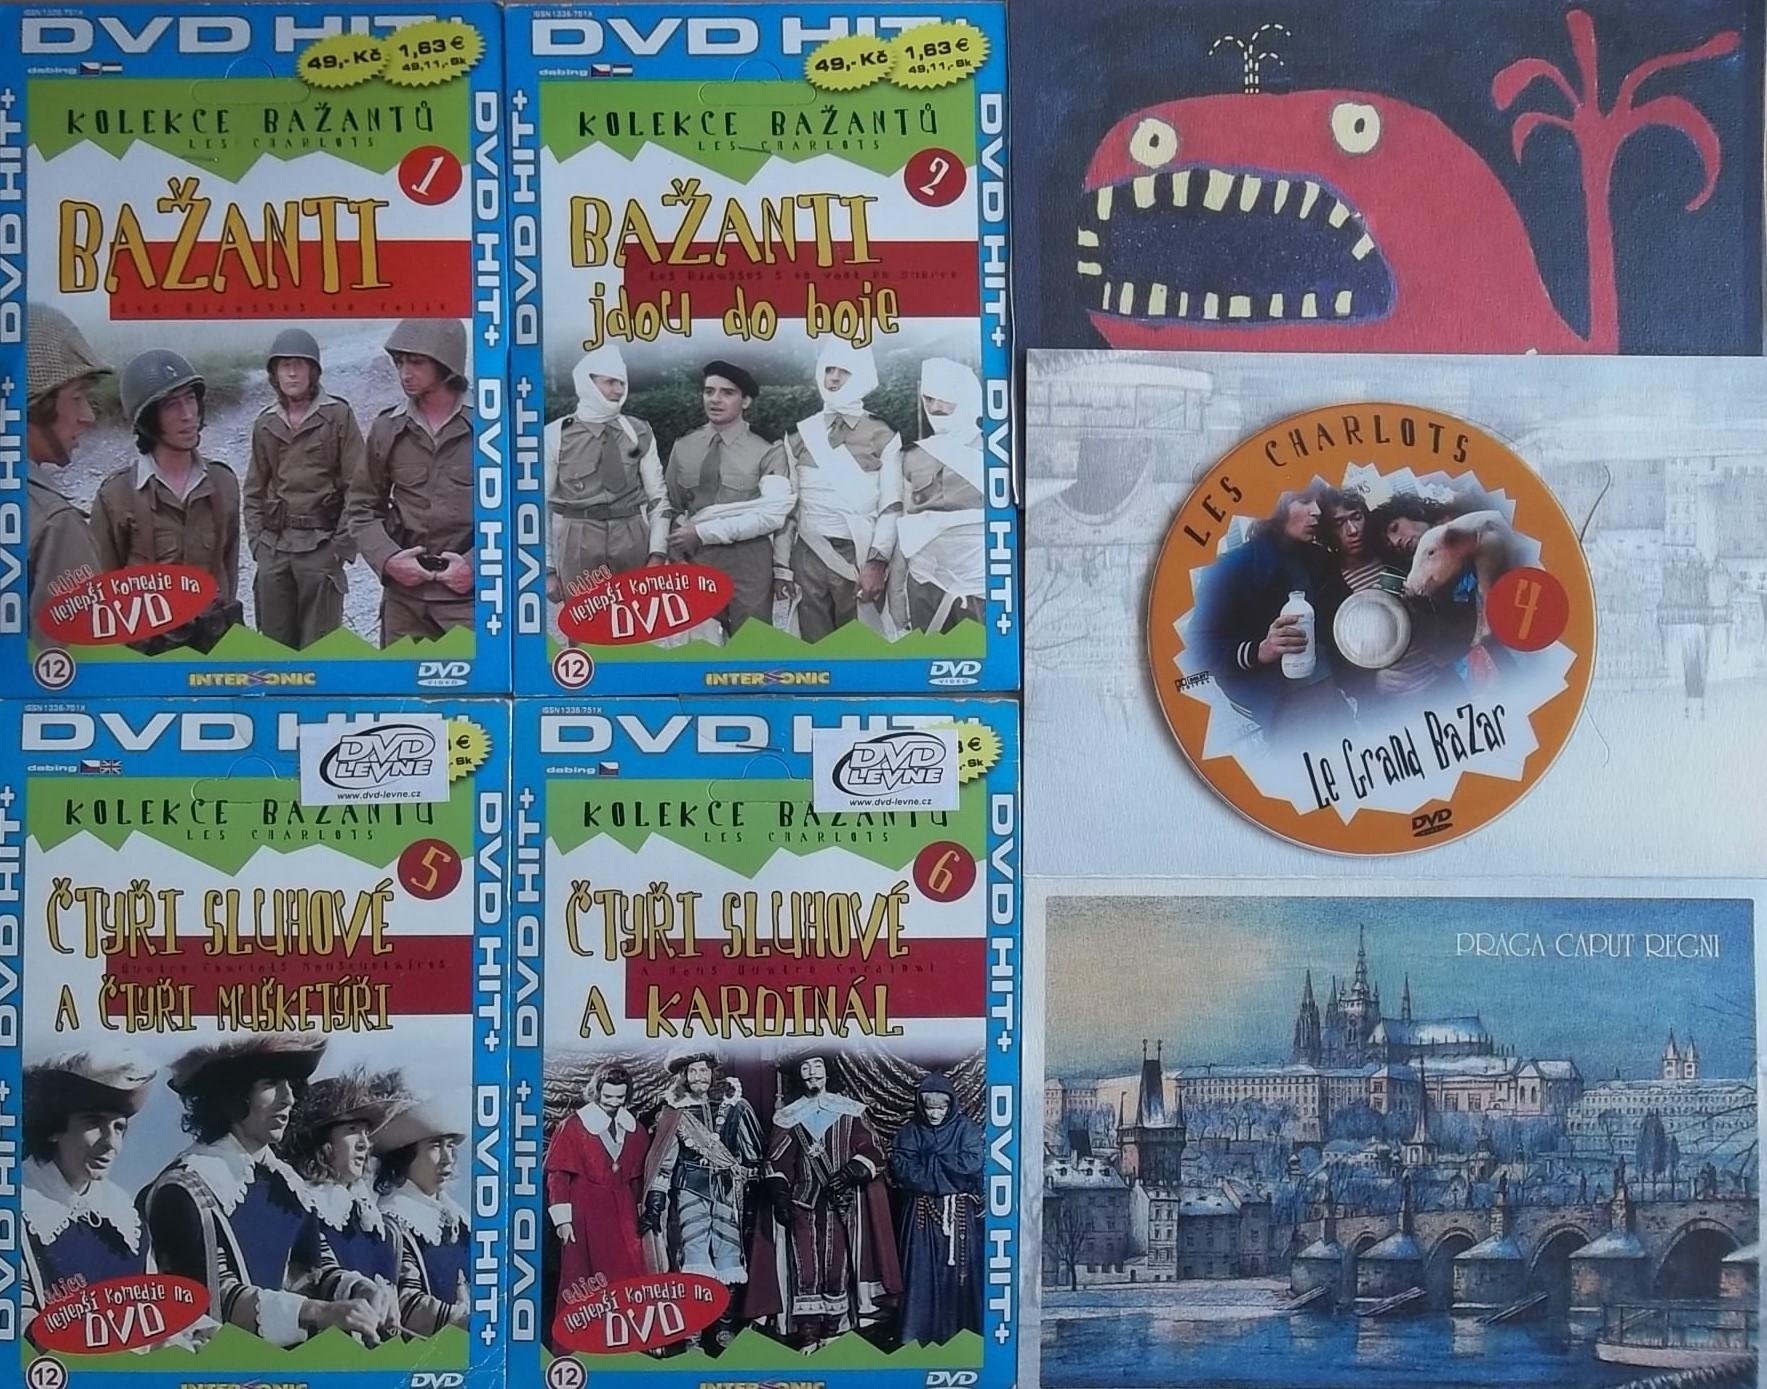 Kolekce Bažantů - 6 DVD